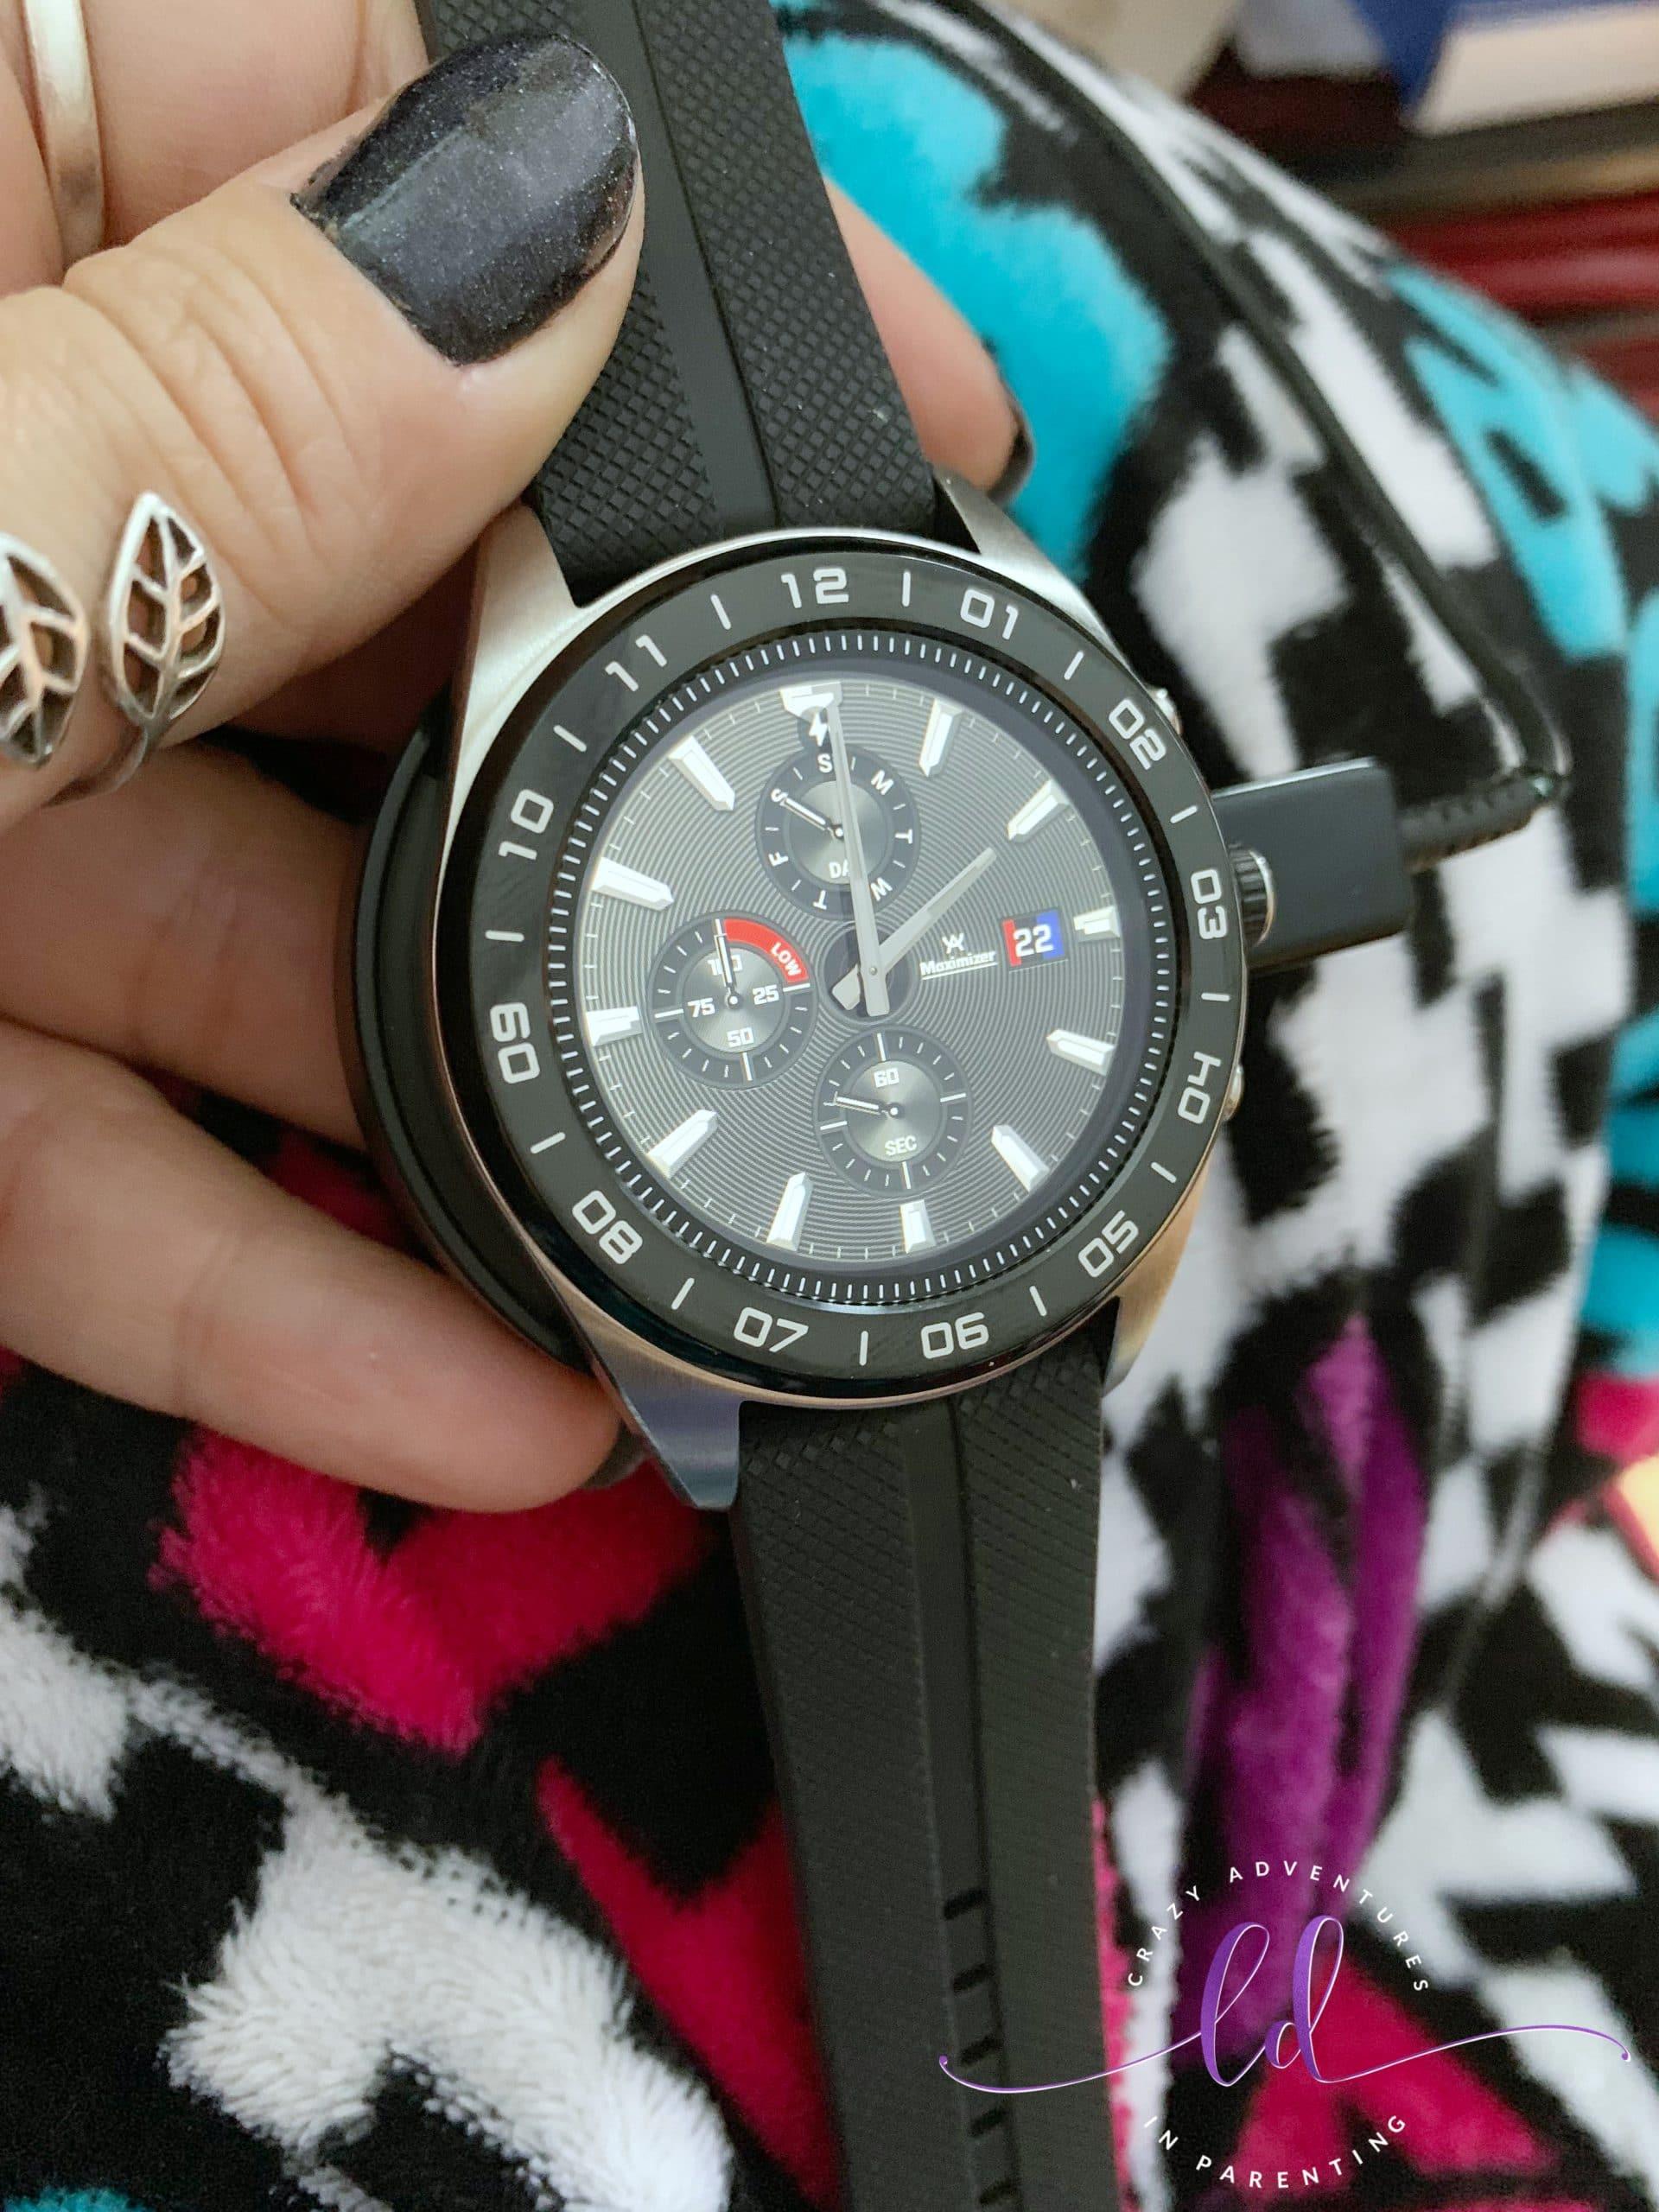 LG Watch W7 smartwatch watchface